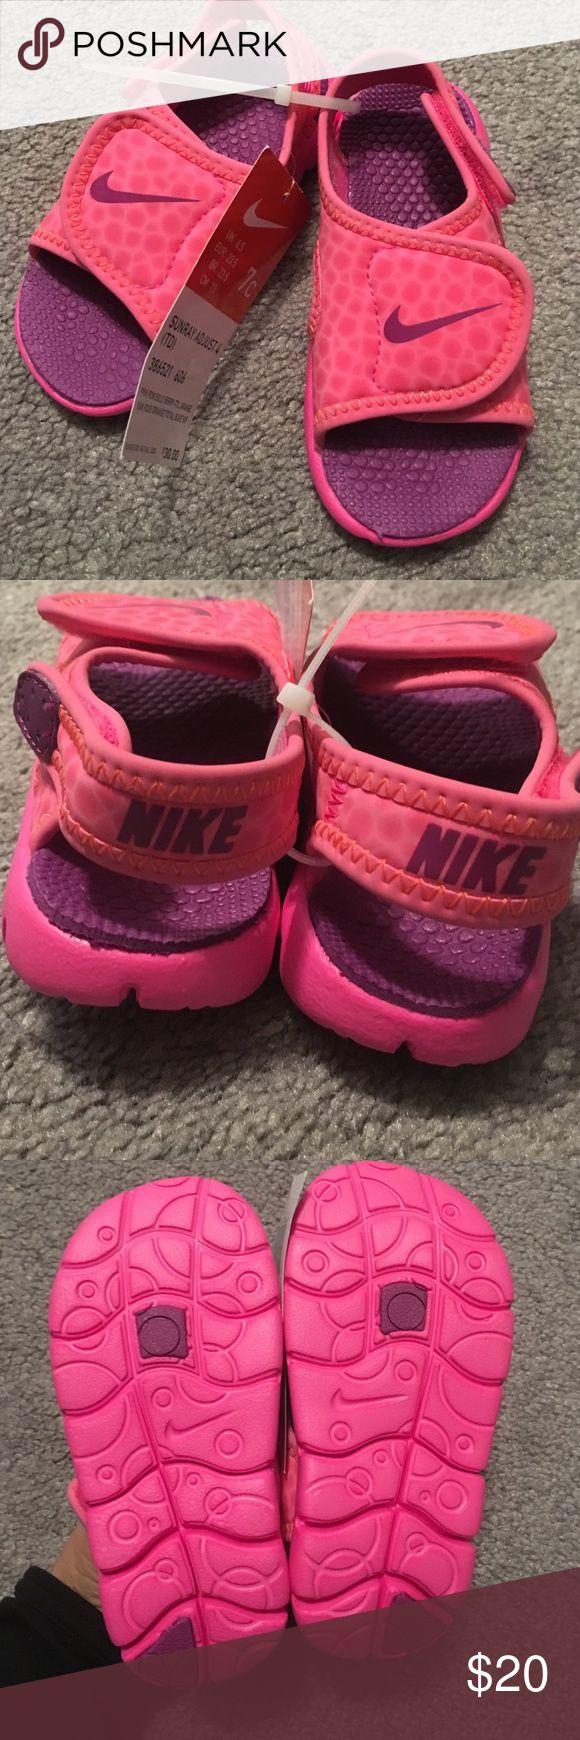 New. Nike toddler girls sandals Pink nike sandals for girls . Velcro in back. New Nike Shoes Sandals & Flip Flops